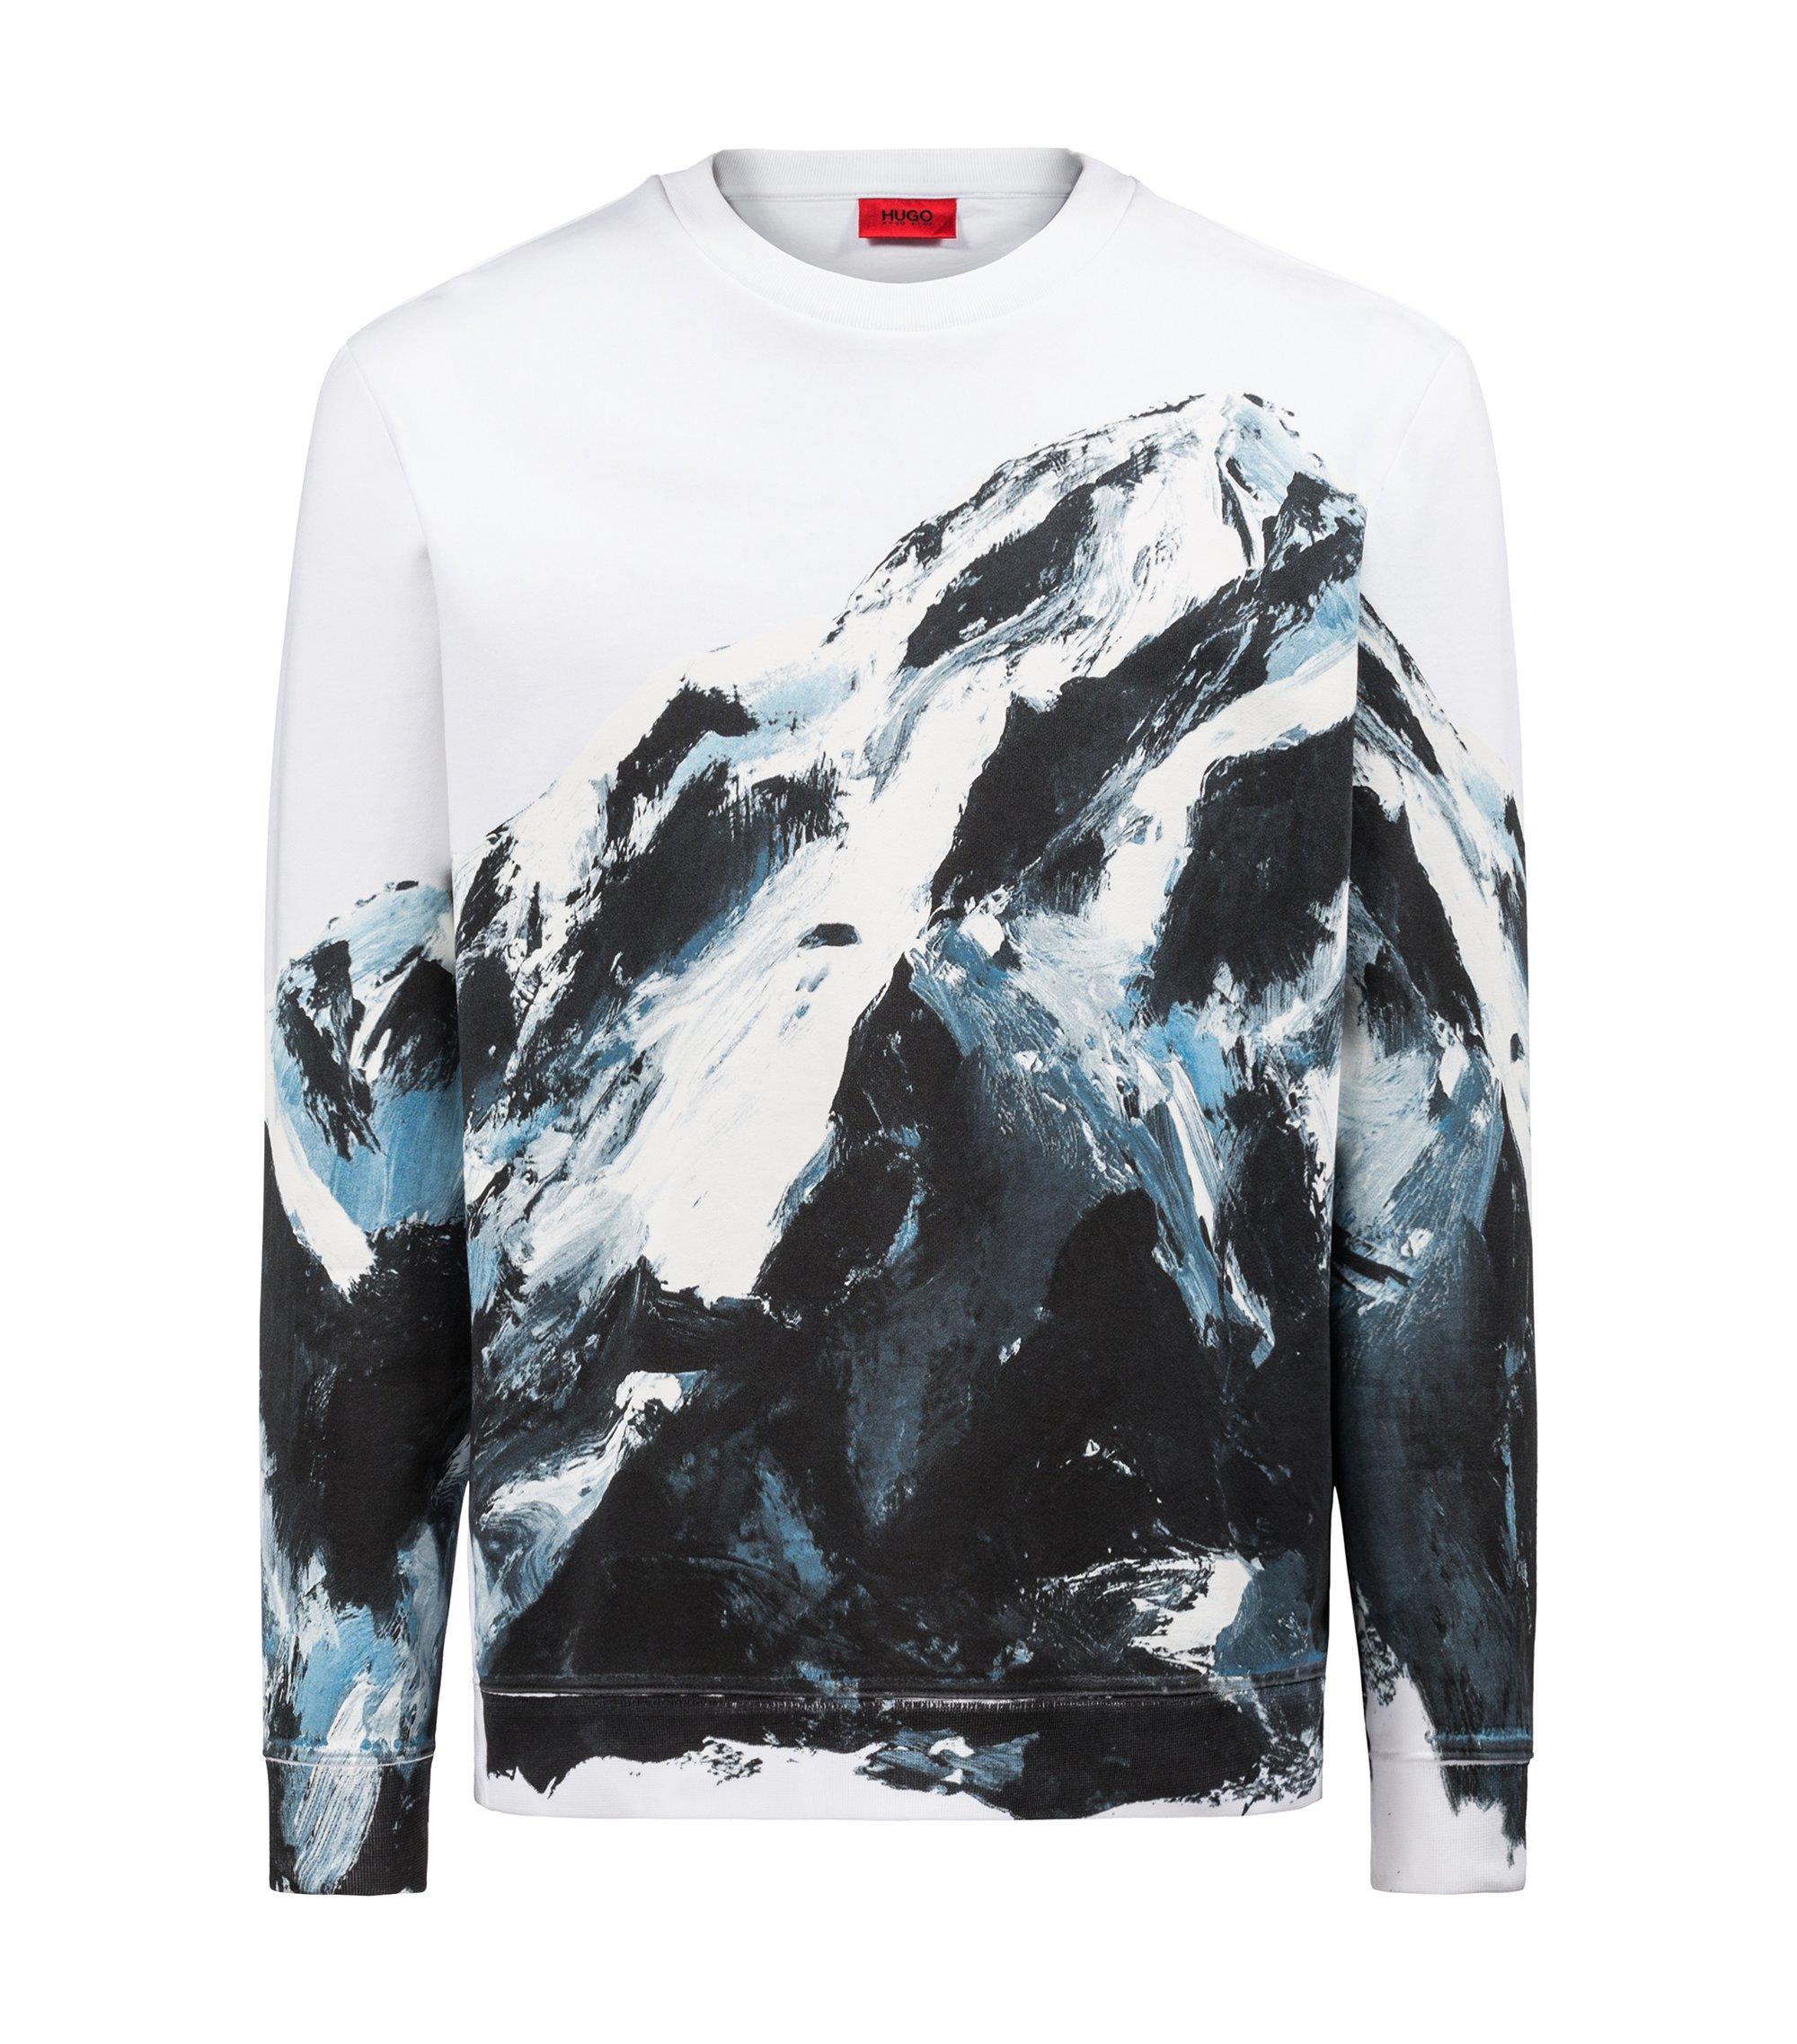 Sudadera oversized fit en algodón con diseño gráfico del tema montañero de temporada, Fantasía